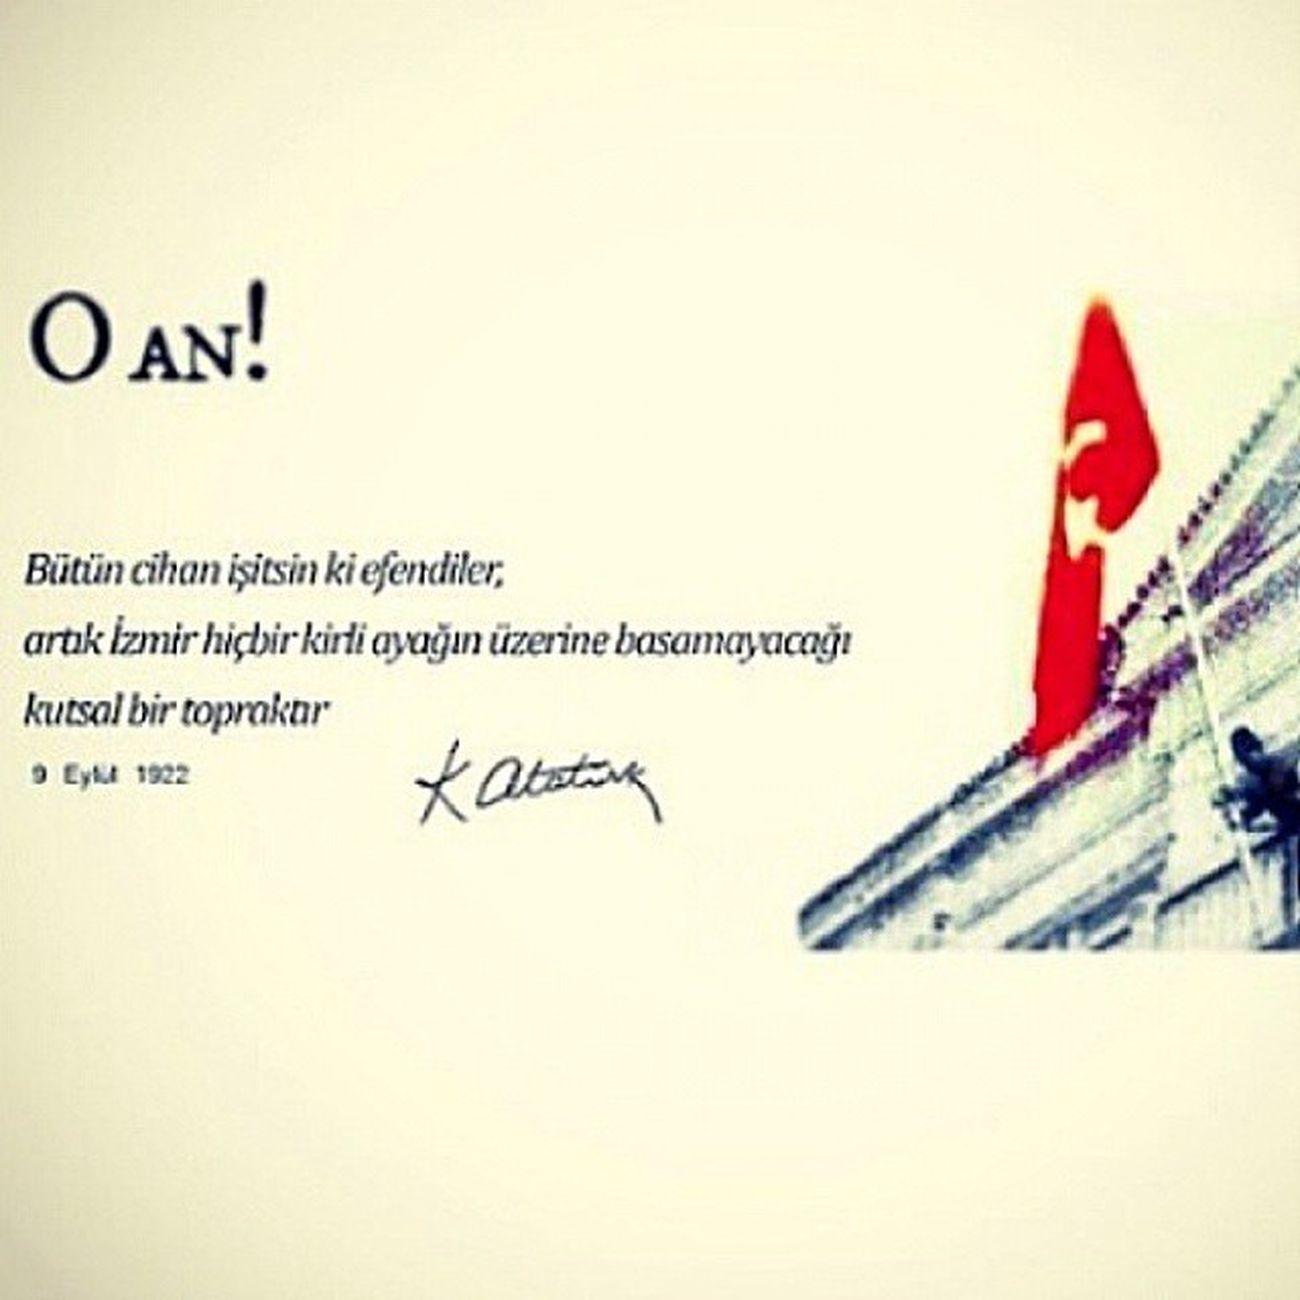 9eylul Izmirinkurtuluşu Izmir İzmir in kurtuluşunun 92. yıldönümü..